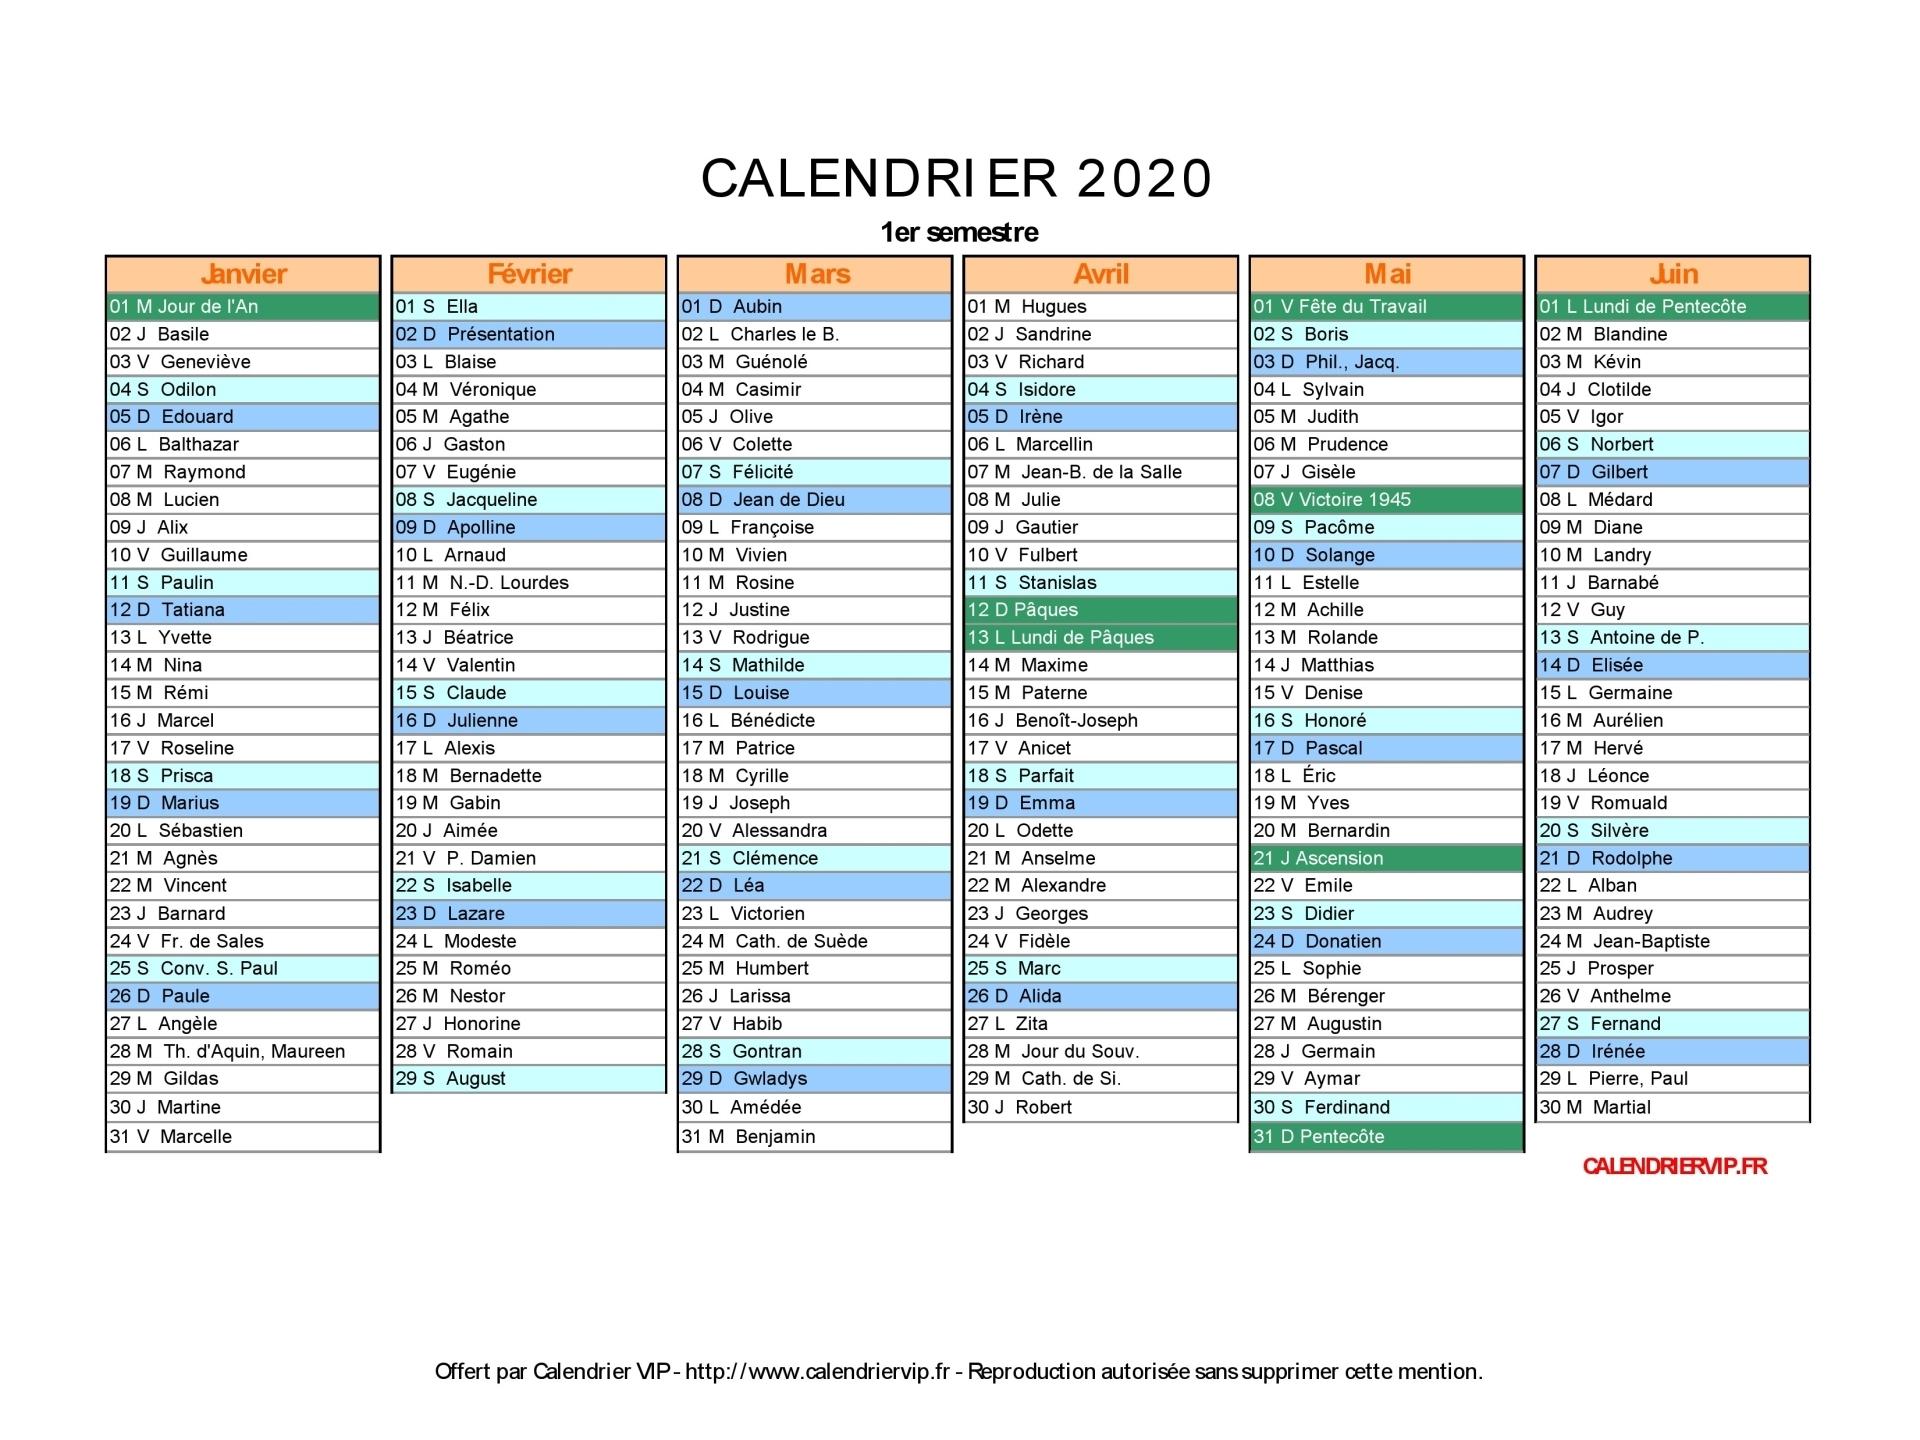 Calendrier 2020 À Imprimer Gratuit En Pdf Et Excel avec Calendrier 2018 Avec Jours Fériés Vacances Scolaires À Imprimer